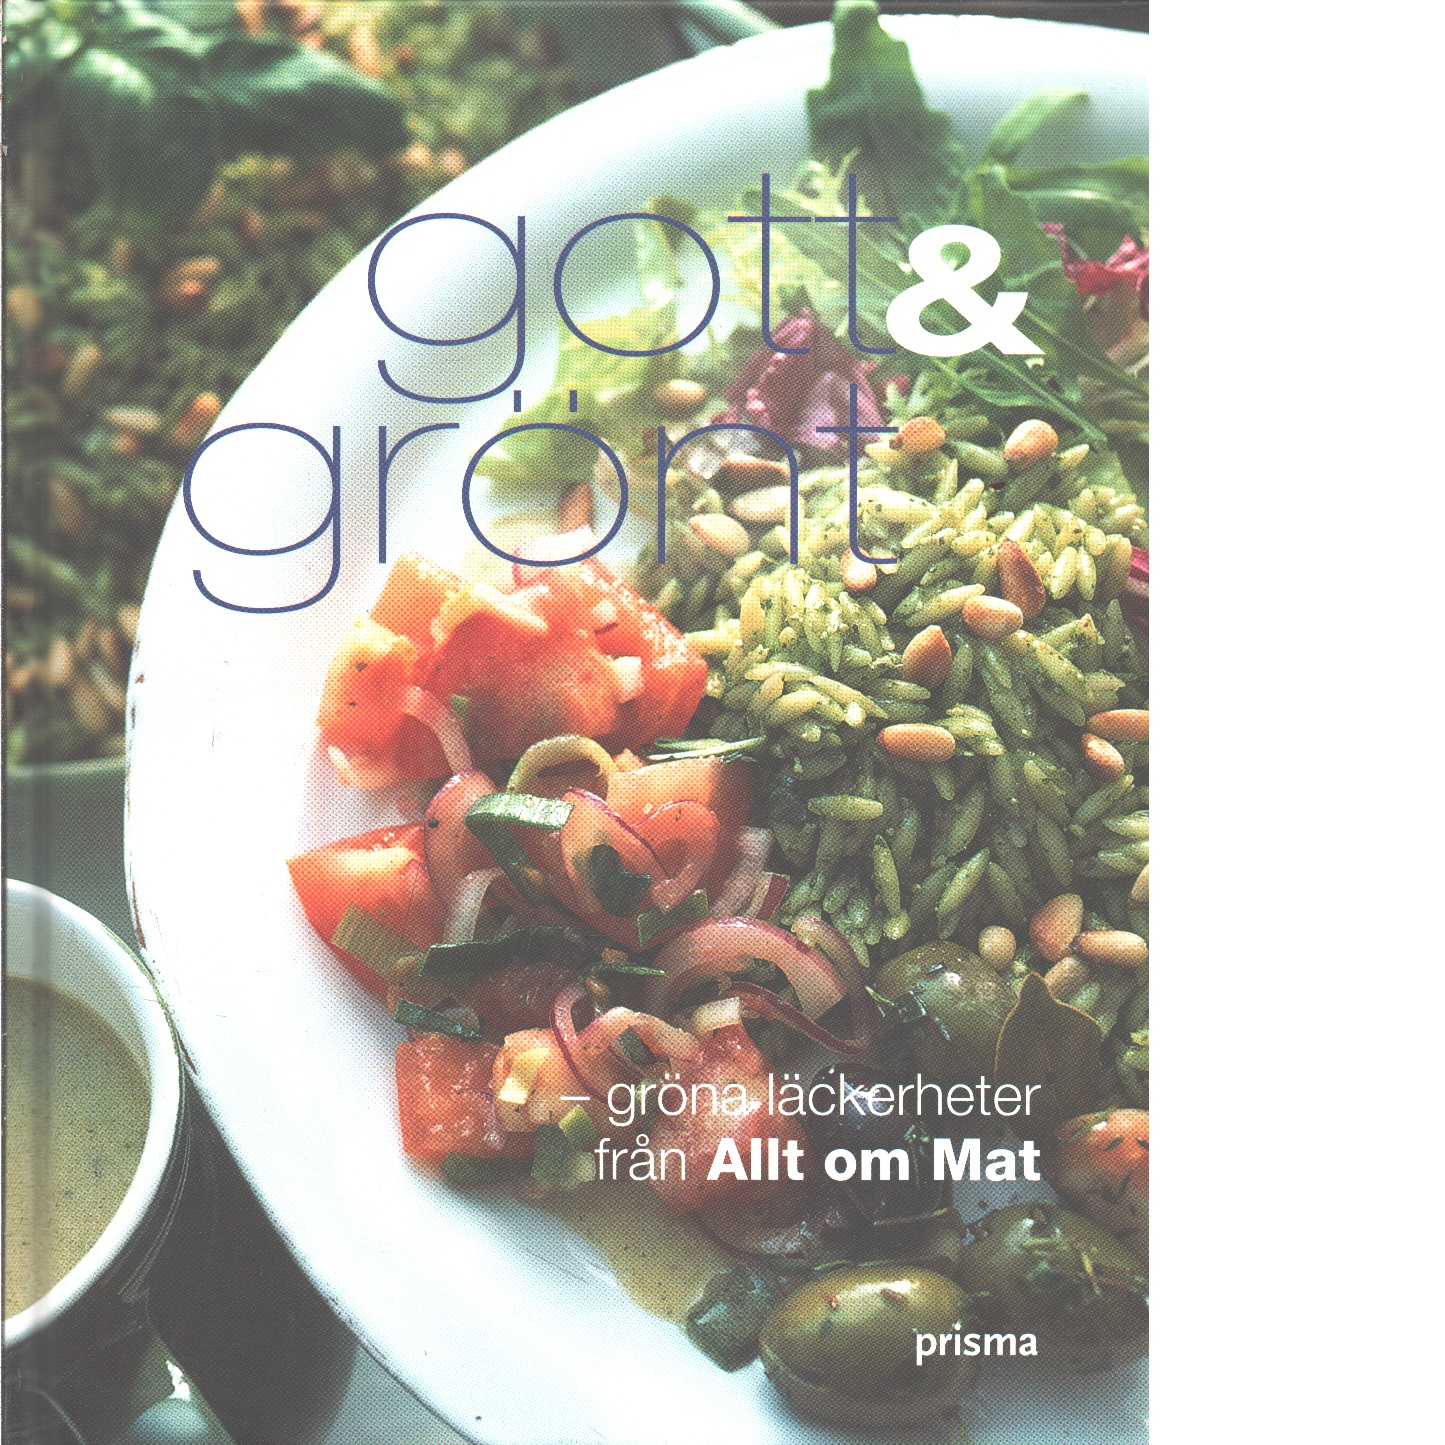 Gott & grönt : gröna läckerheter från Allt om mat - Red. Abrahamsson, Astrid